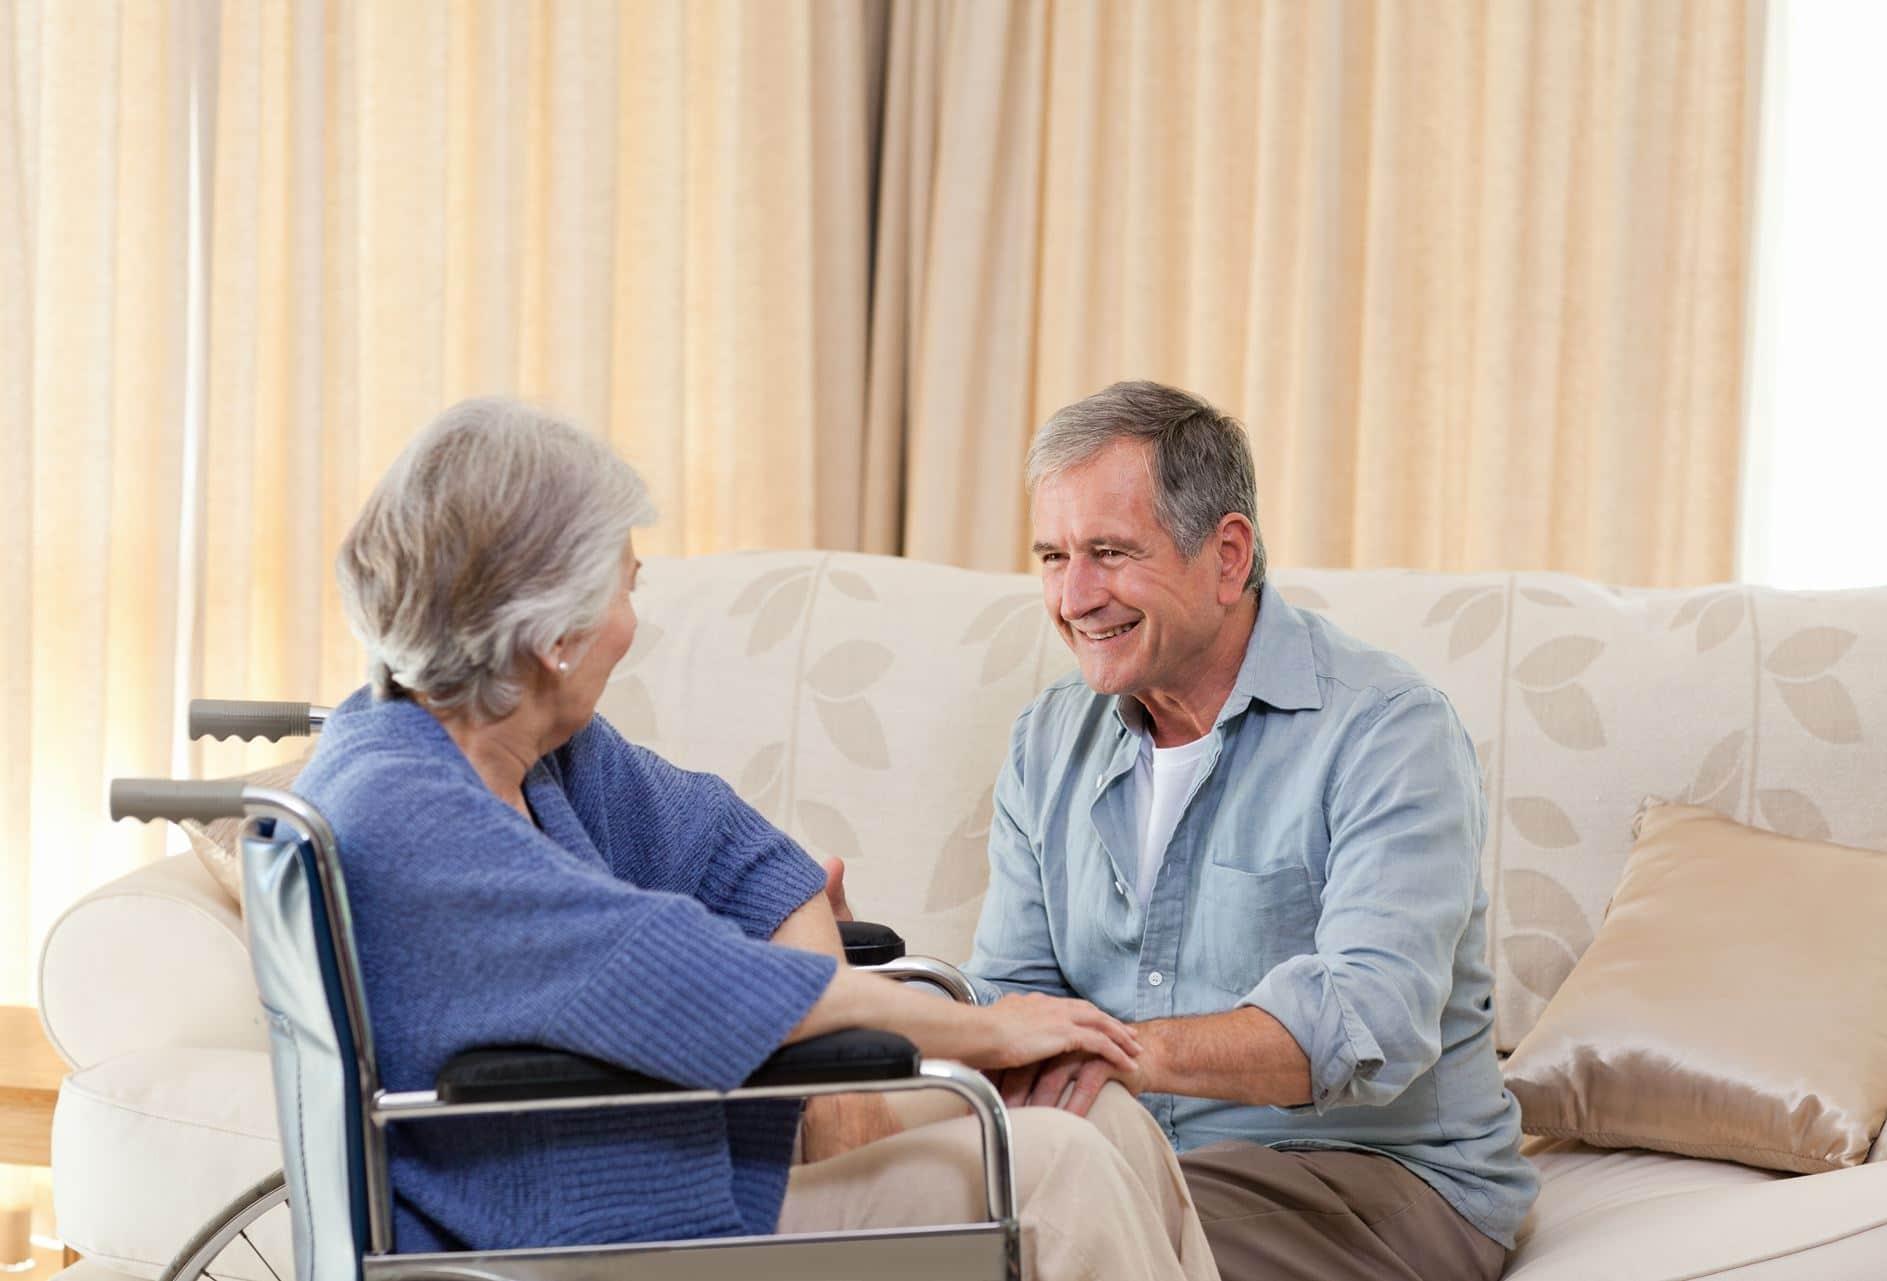 קלינאית תקשורת פרטית ברמת גן - Restart Therapy קלינאית תקשורת למבוגרים